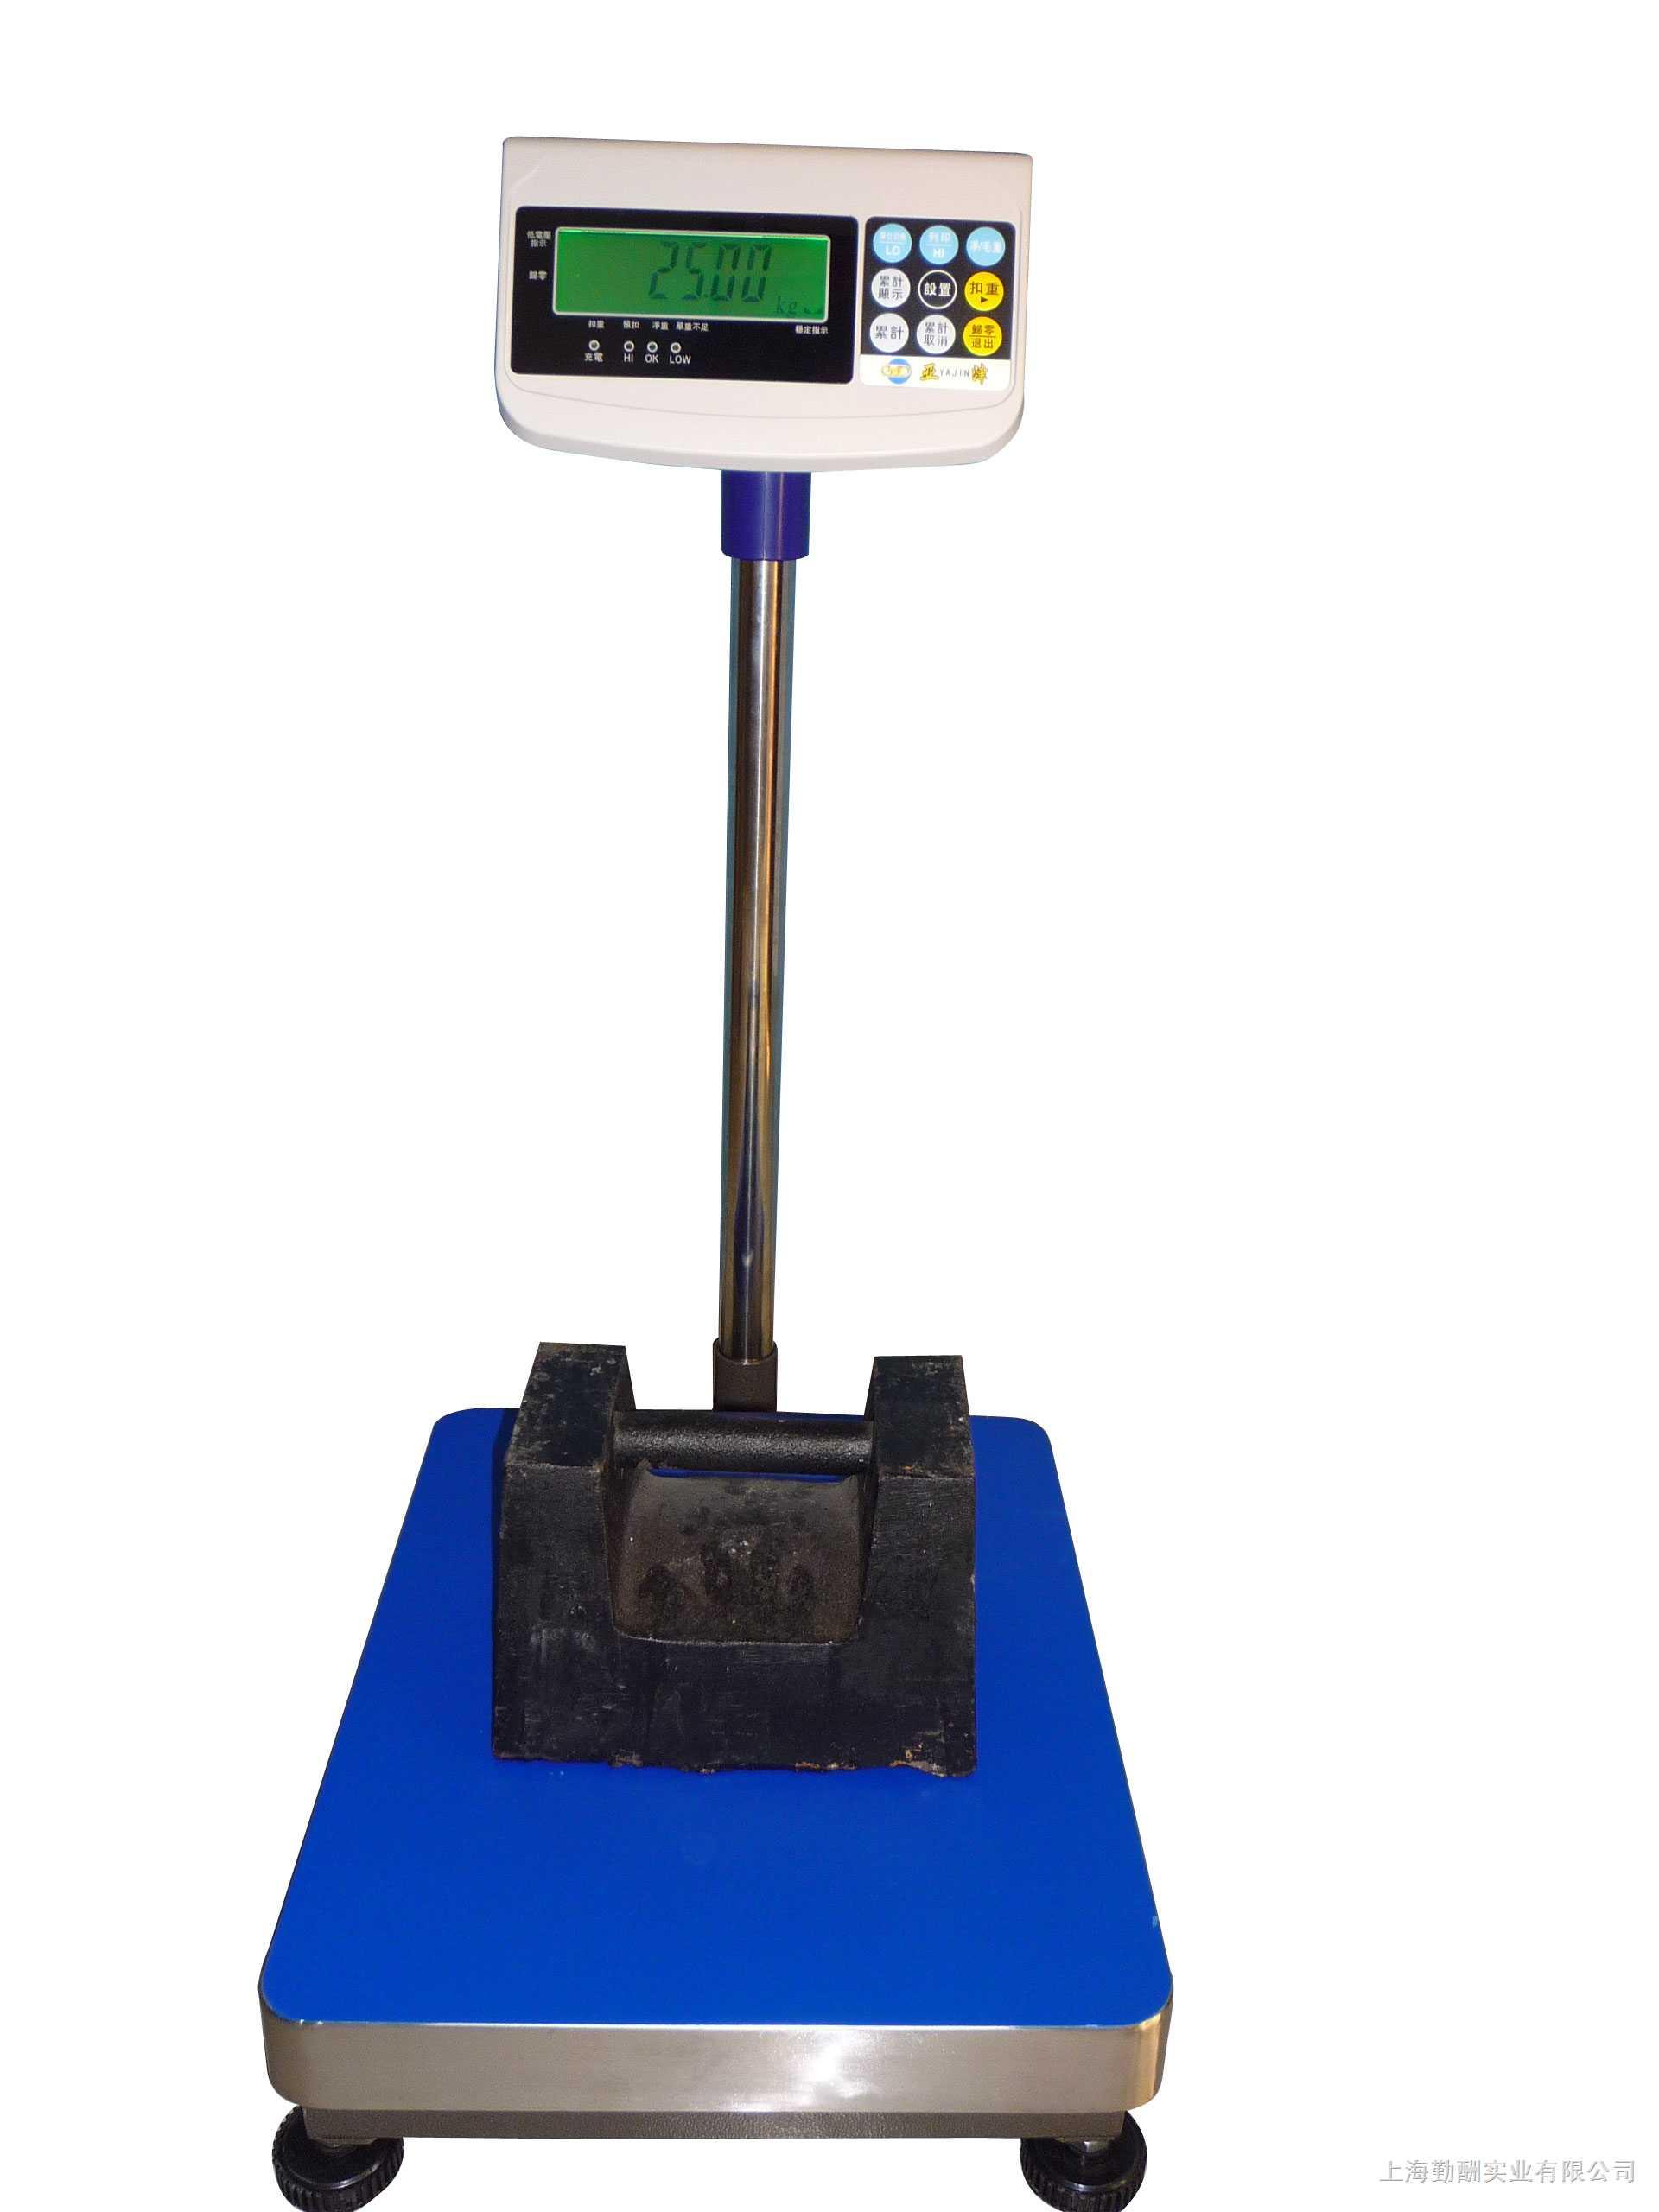 壹佰公斤电子秤*100公斤电子秤*上海100千克电子秤价格k